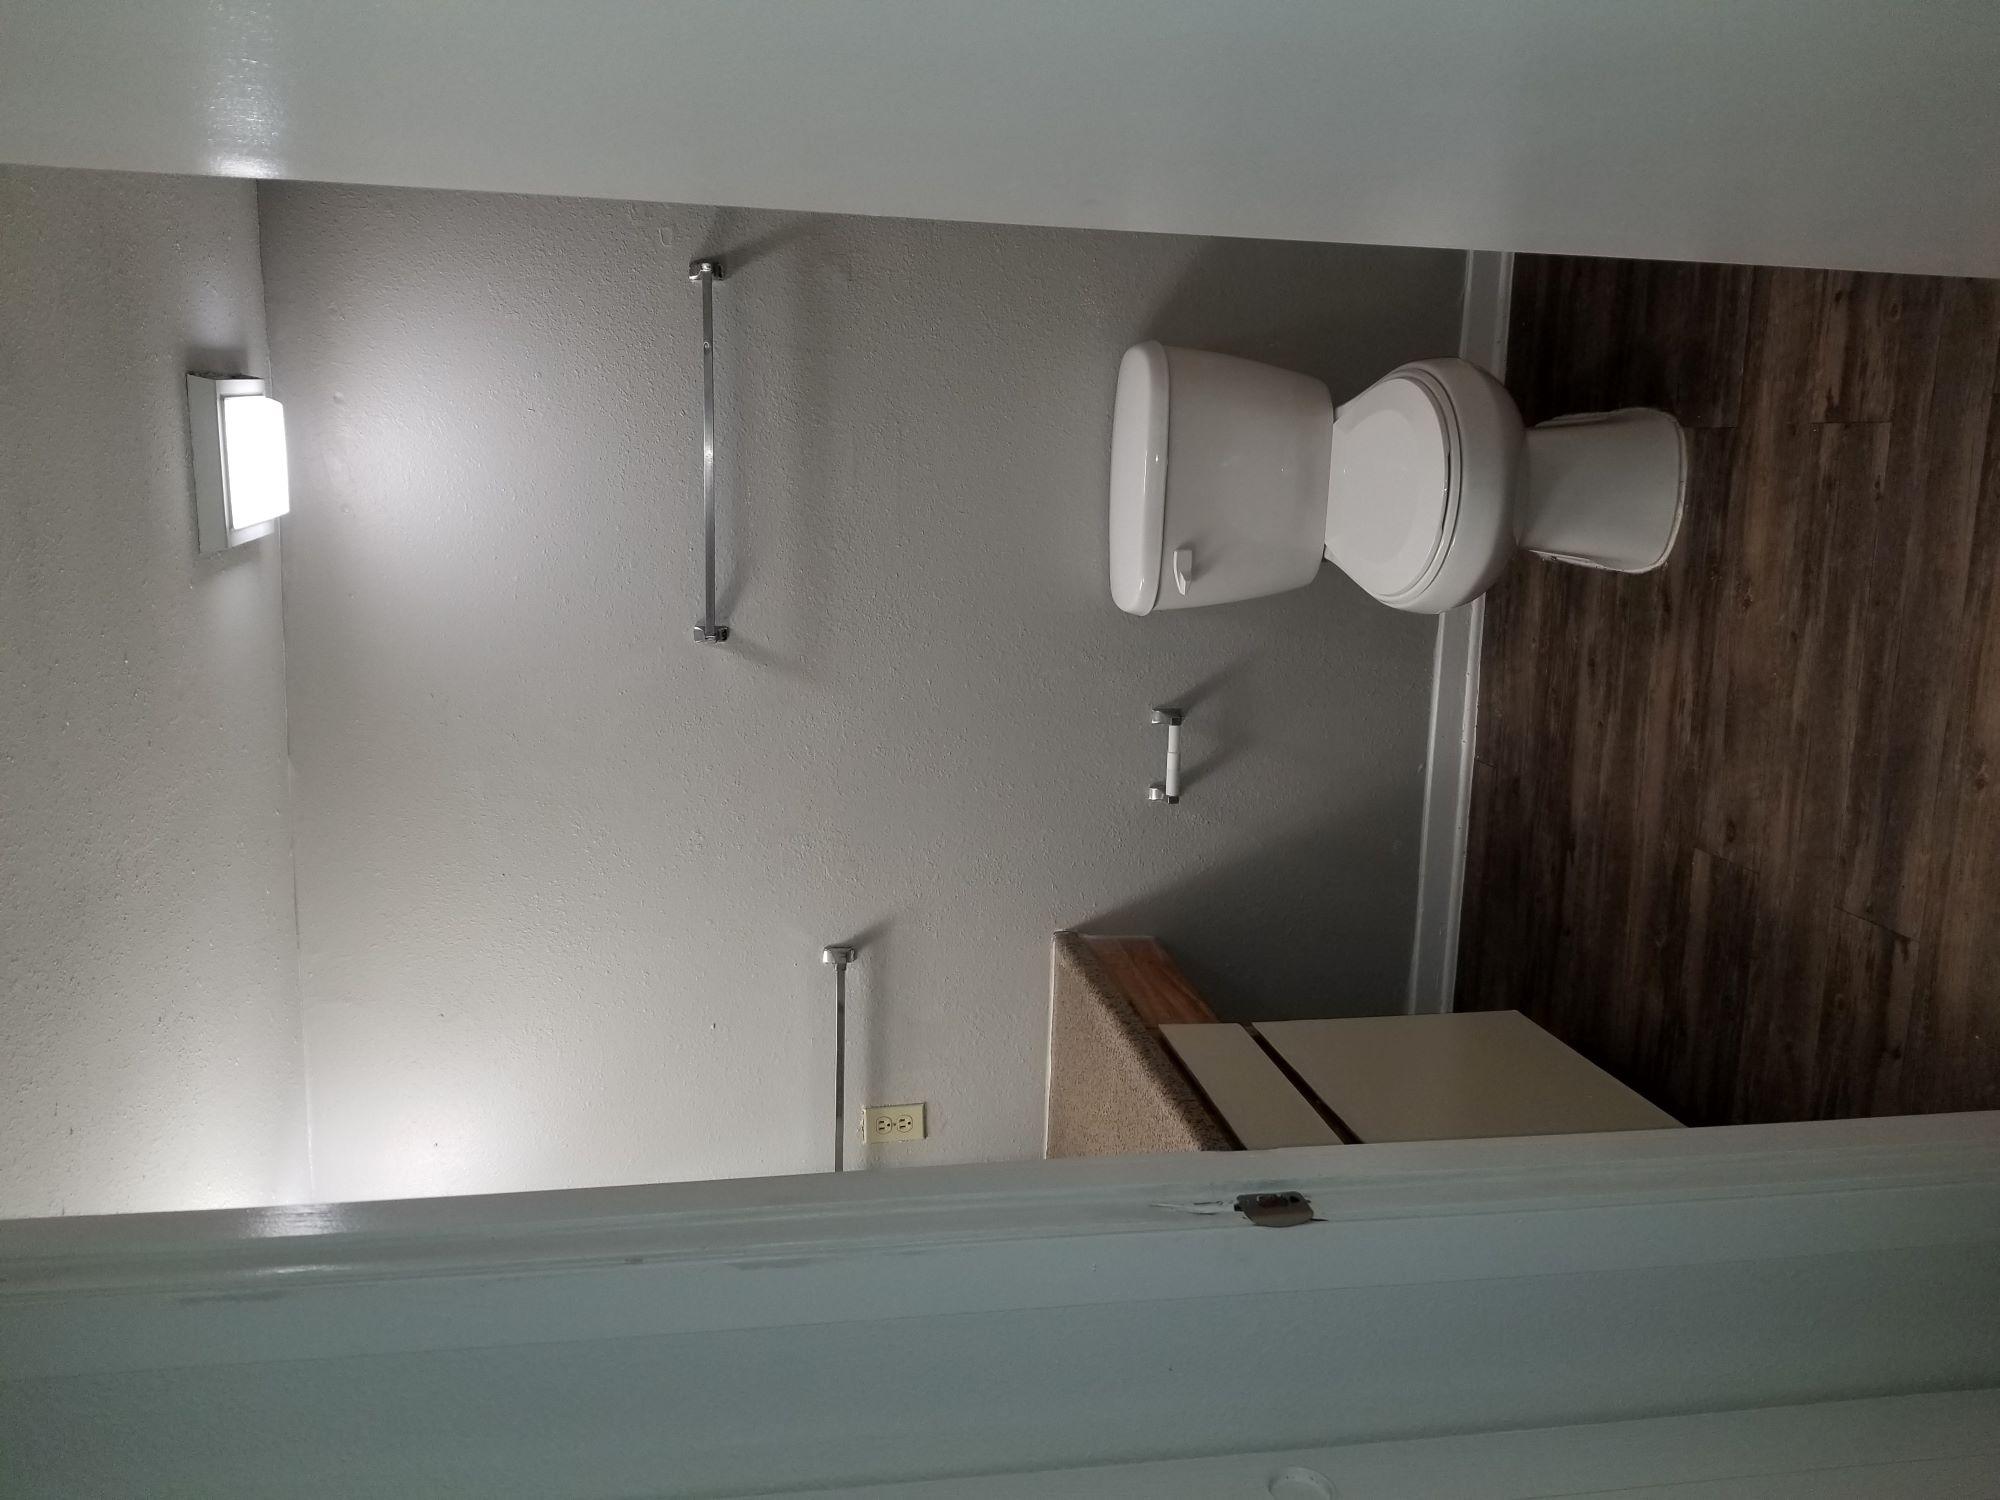 Bathroom at Regatta Apartments in San Antonio, TX